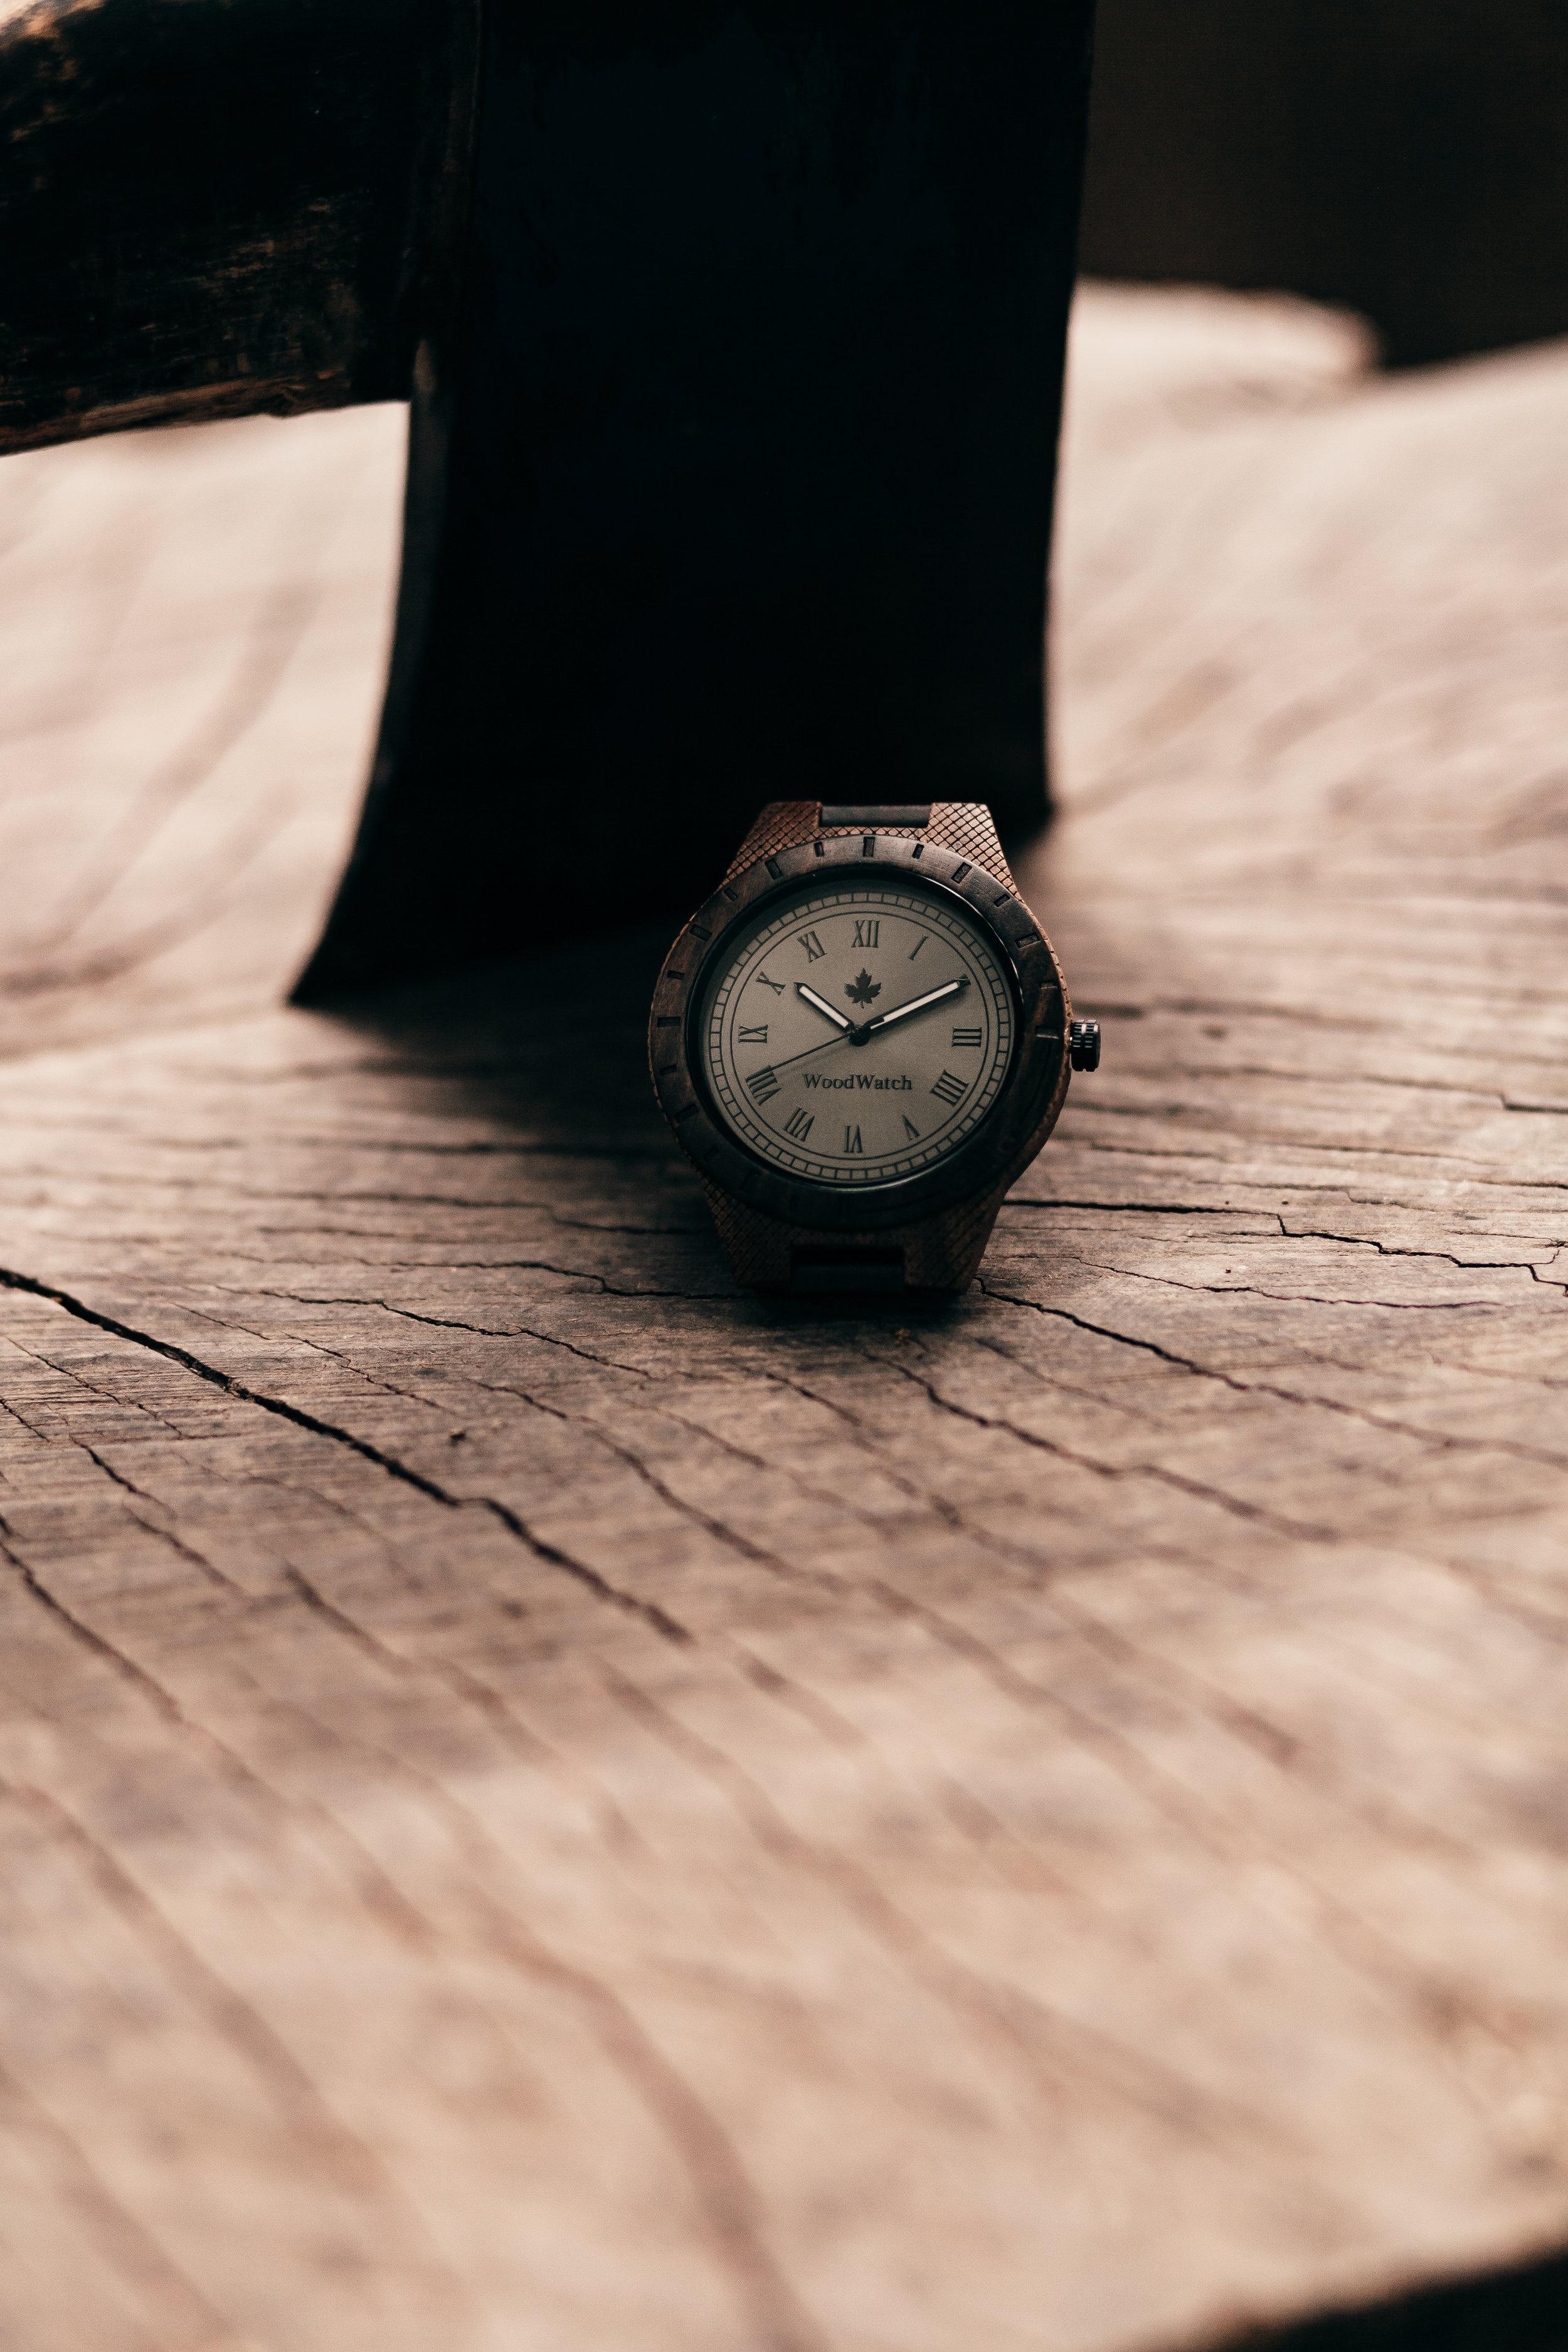 Woodwatch-12.jpg